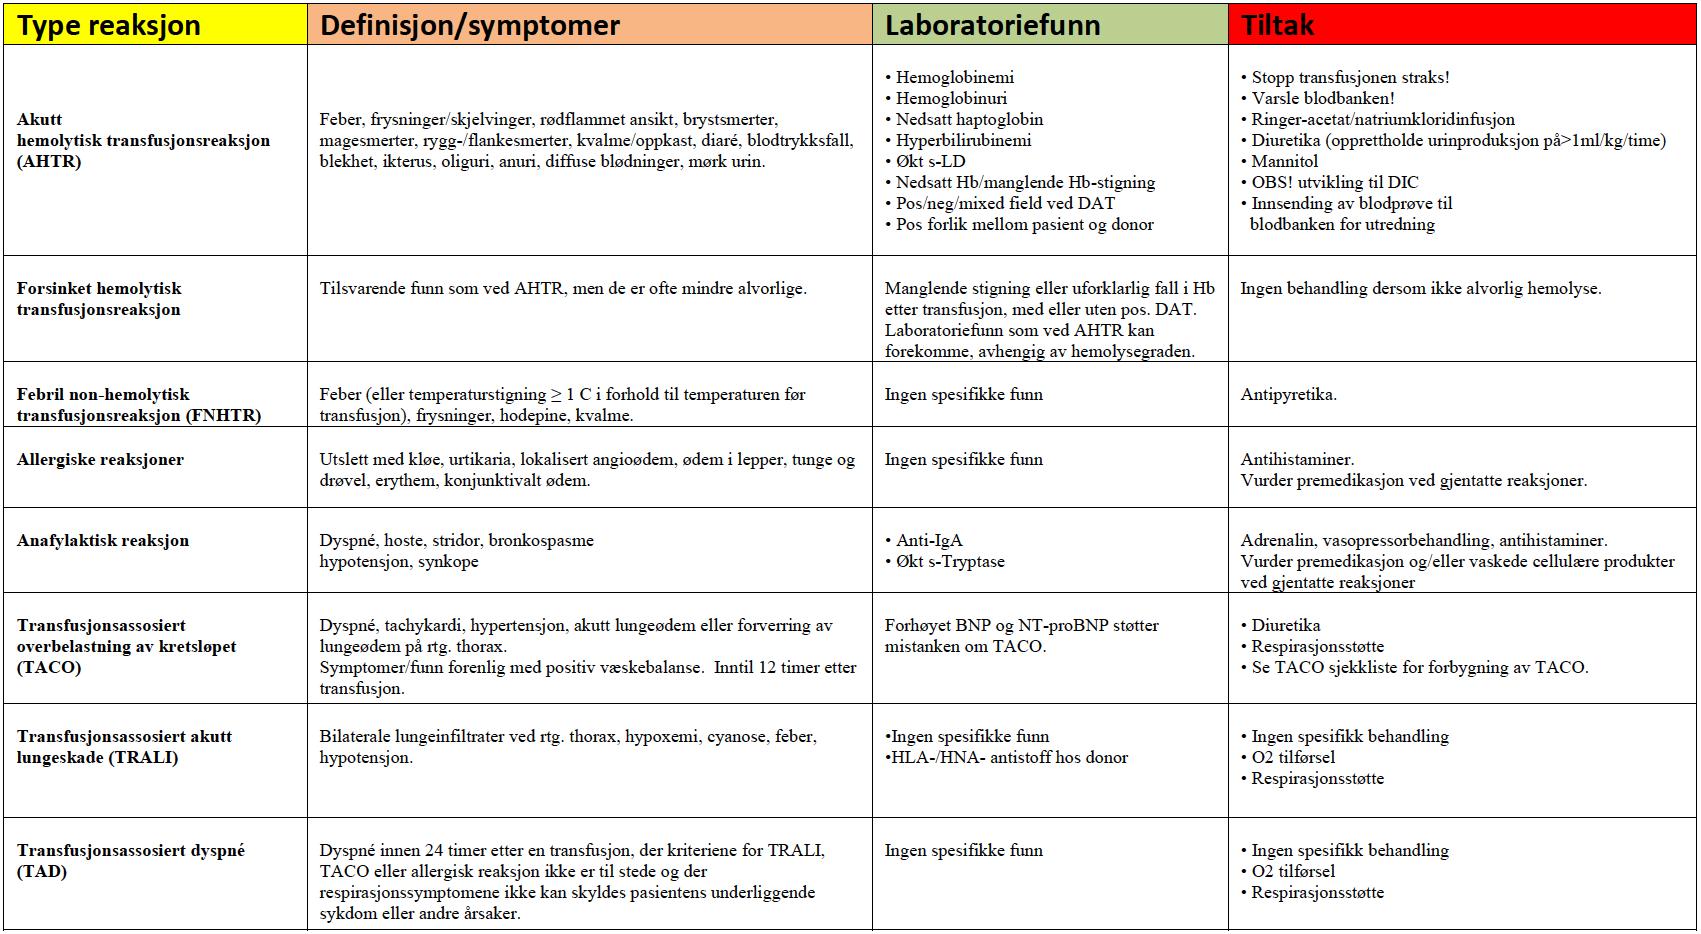 bilde av oppsummering av transfusjonsreaksjoner fra helsedirektoratet, Cingulum